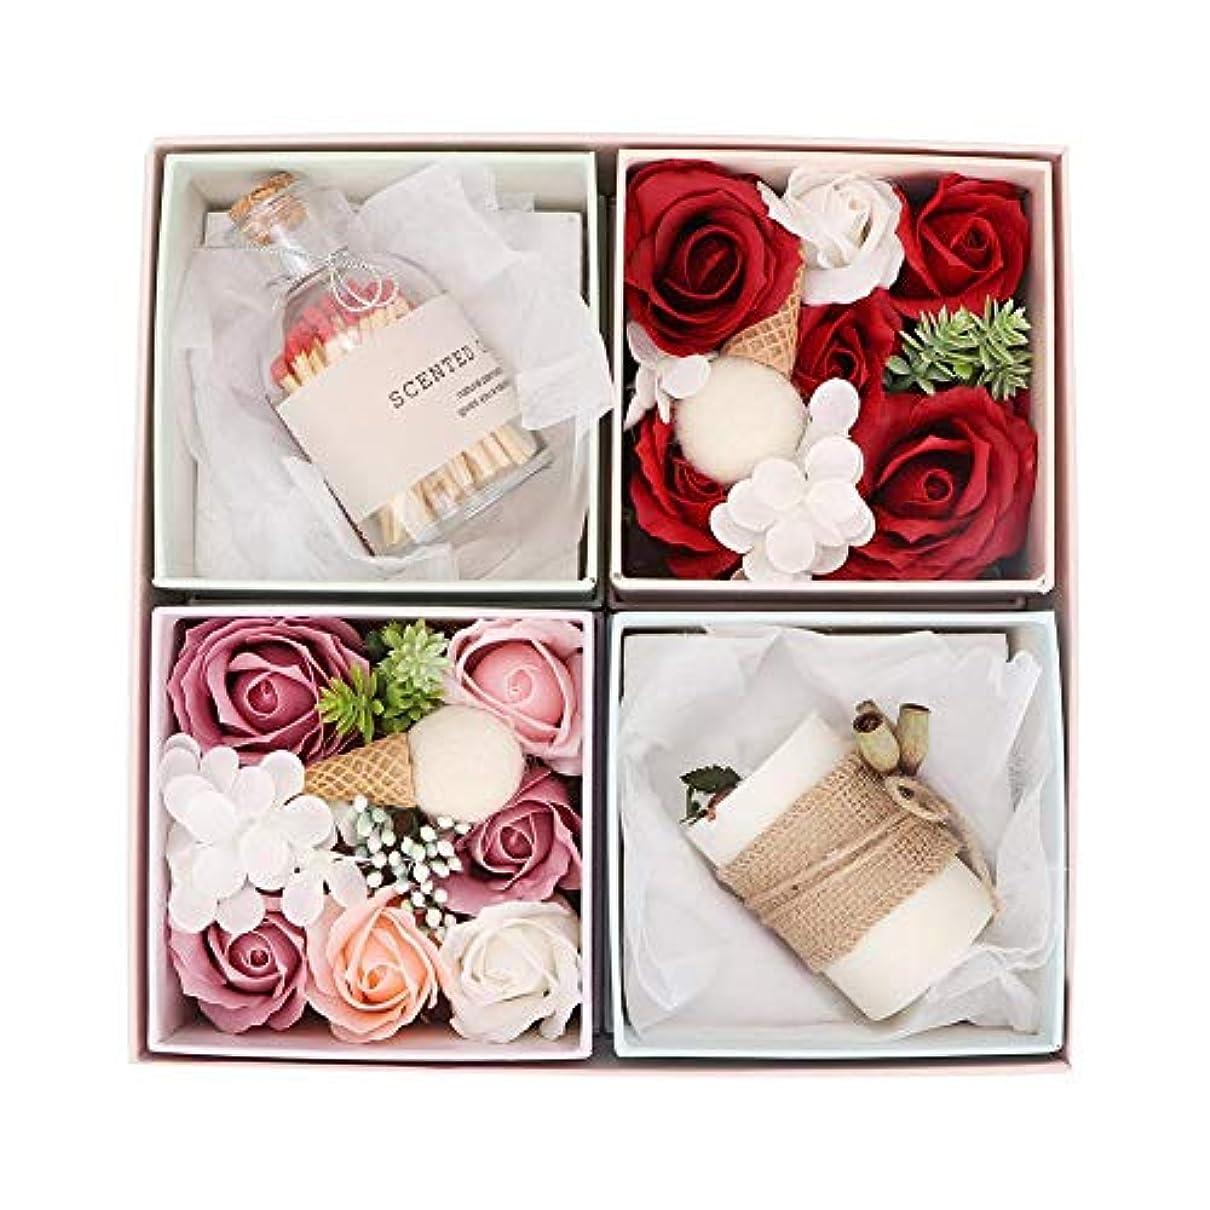 スーパー女王苦石鹸のギフトボックス、繊細な手作りのバラの花の石鹸の香りのキャンドルボックスバレンタインの日、誕生日のロマンチックなギフト